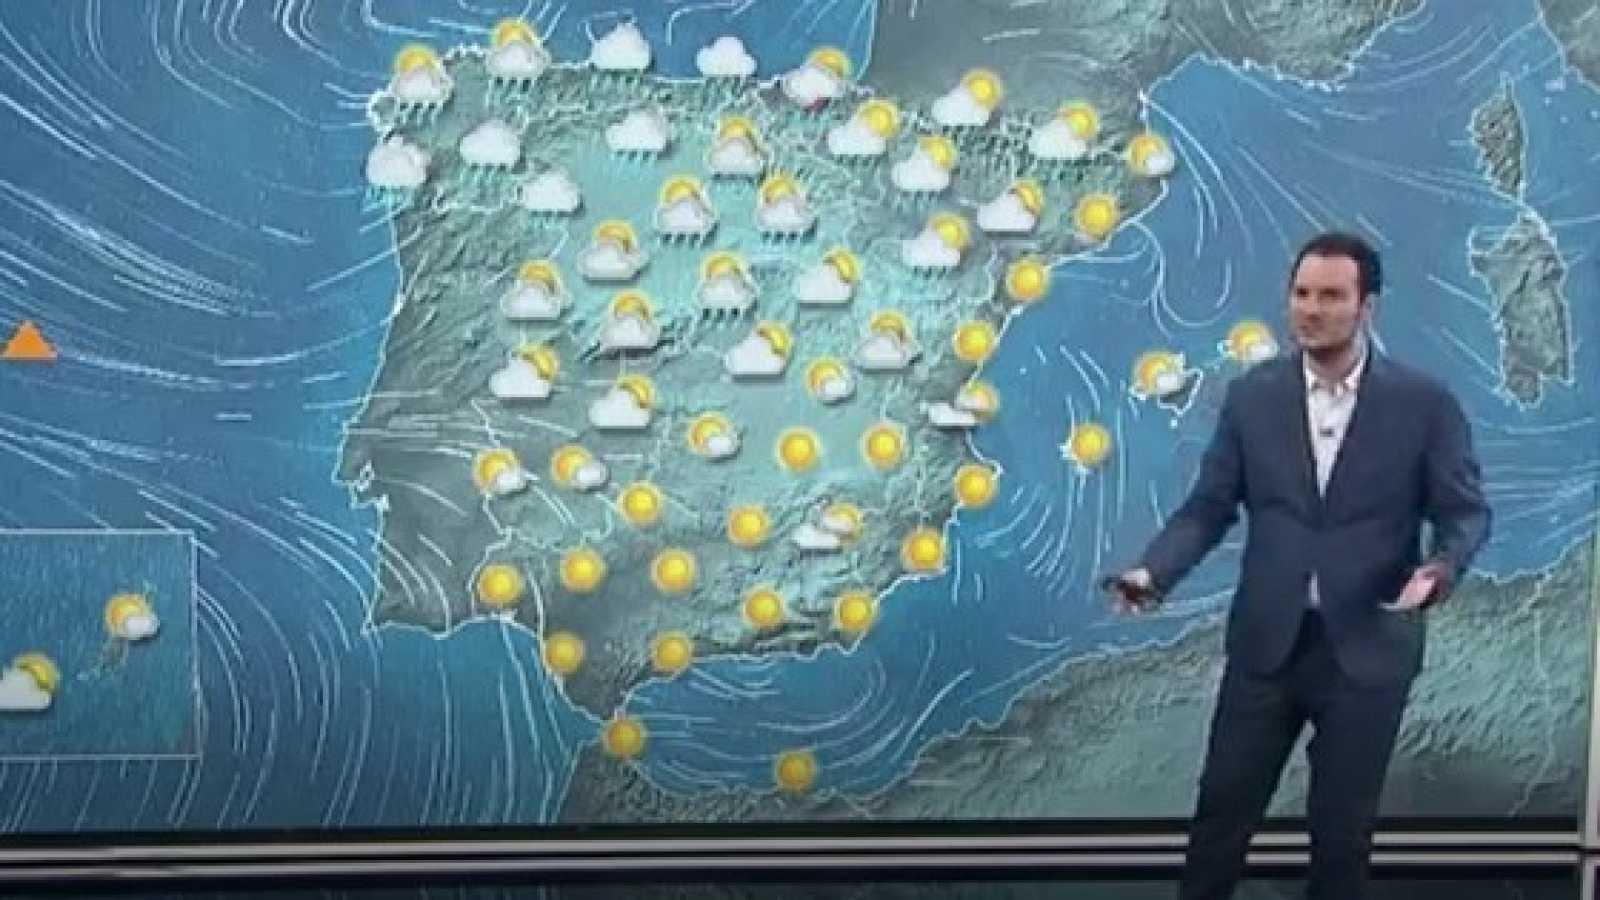 La Aemet prevé lluvias en la mitad norte, que pueden ser fuertes en el oeste de Galicia